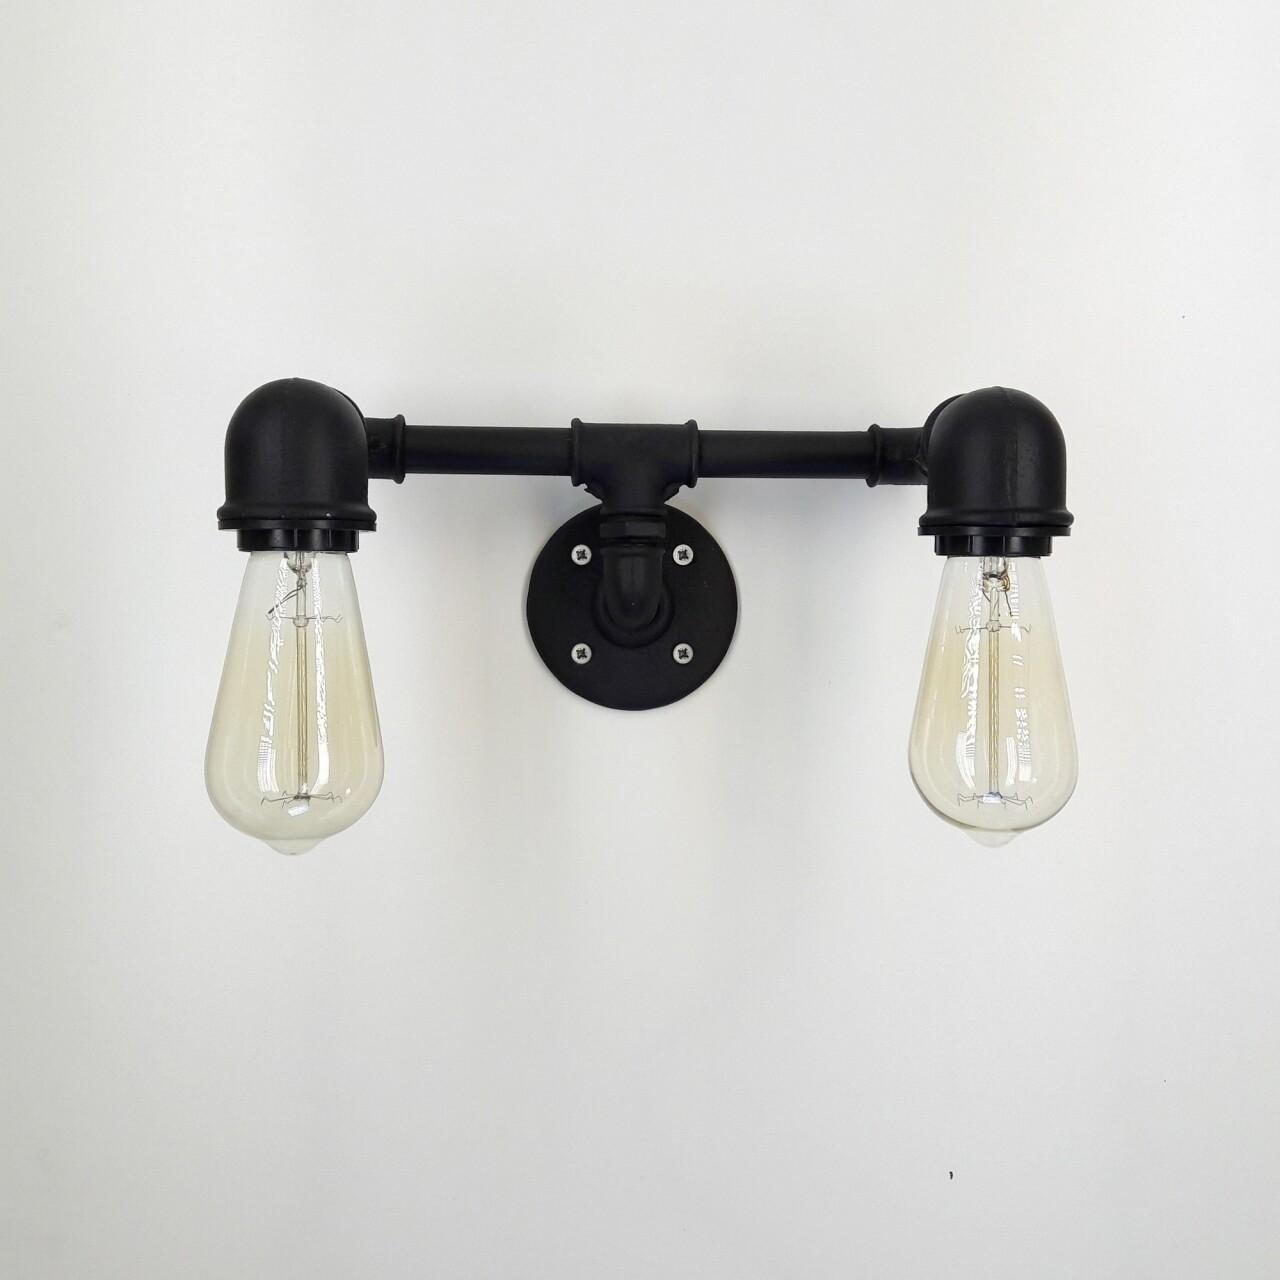 Aplica de perete All Design, metal, 32x14x17 cm,  Downward Black